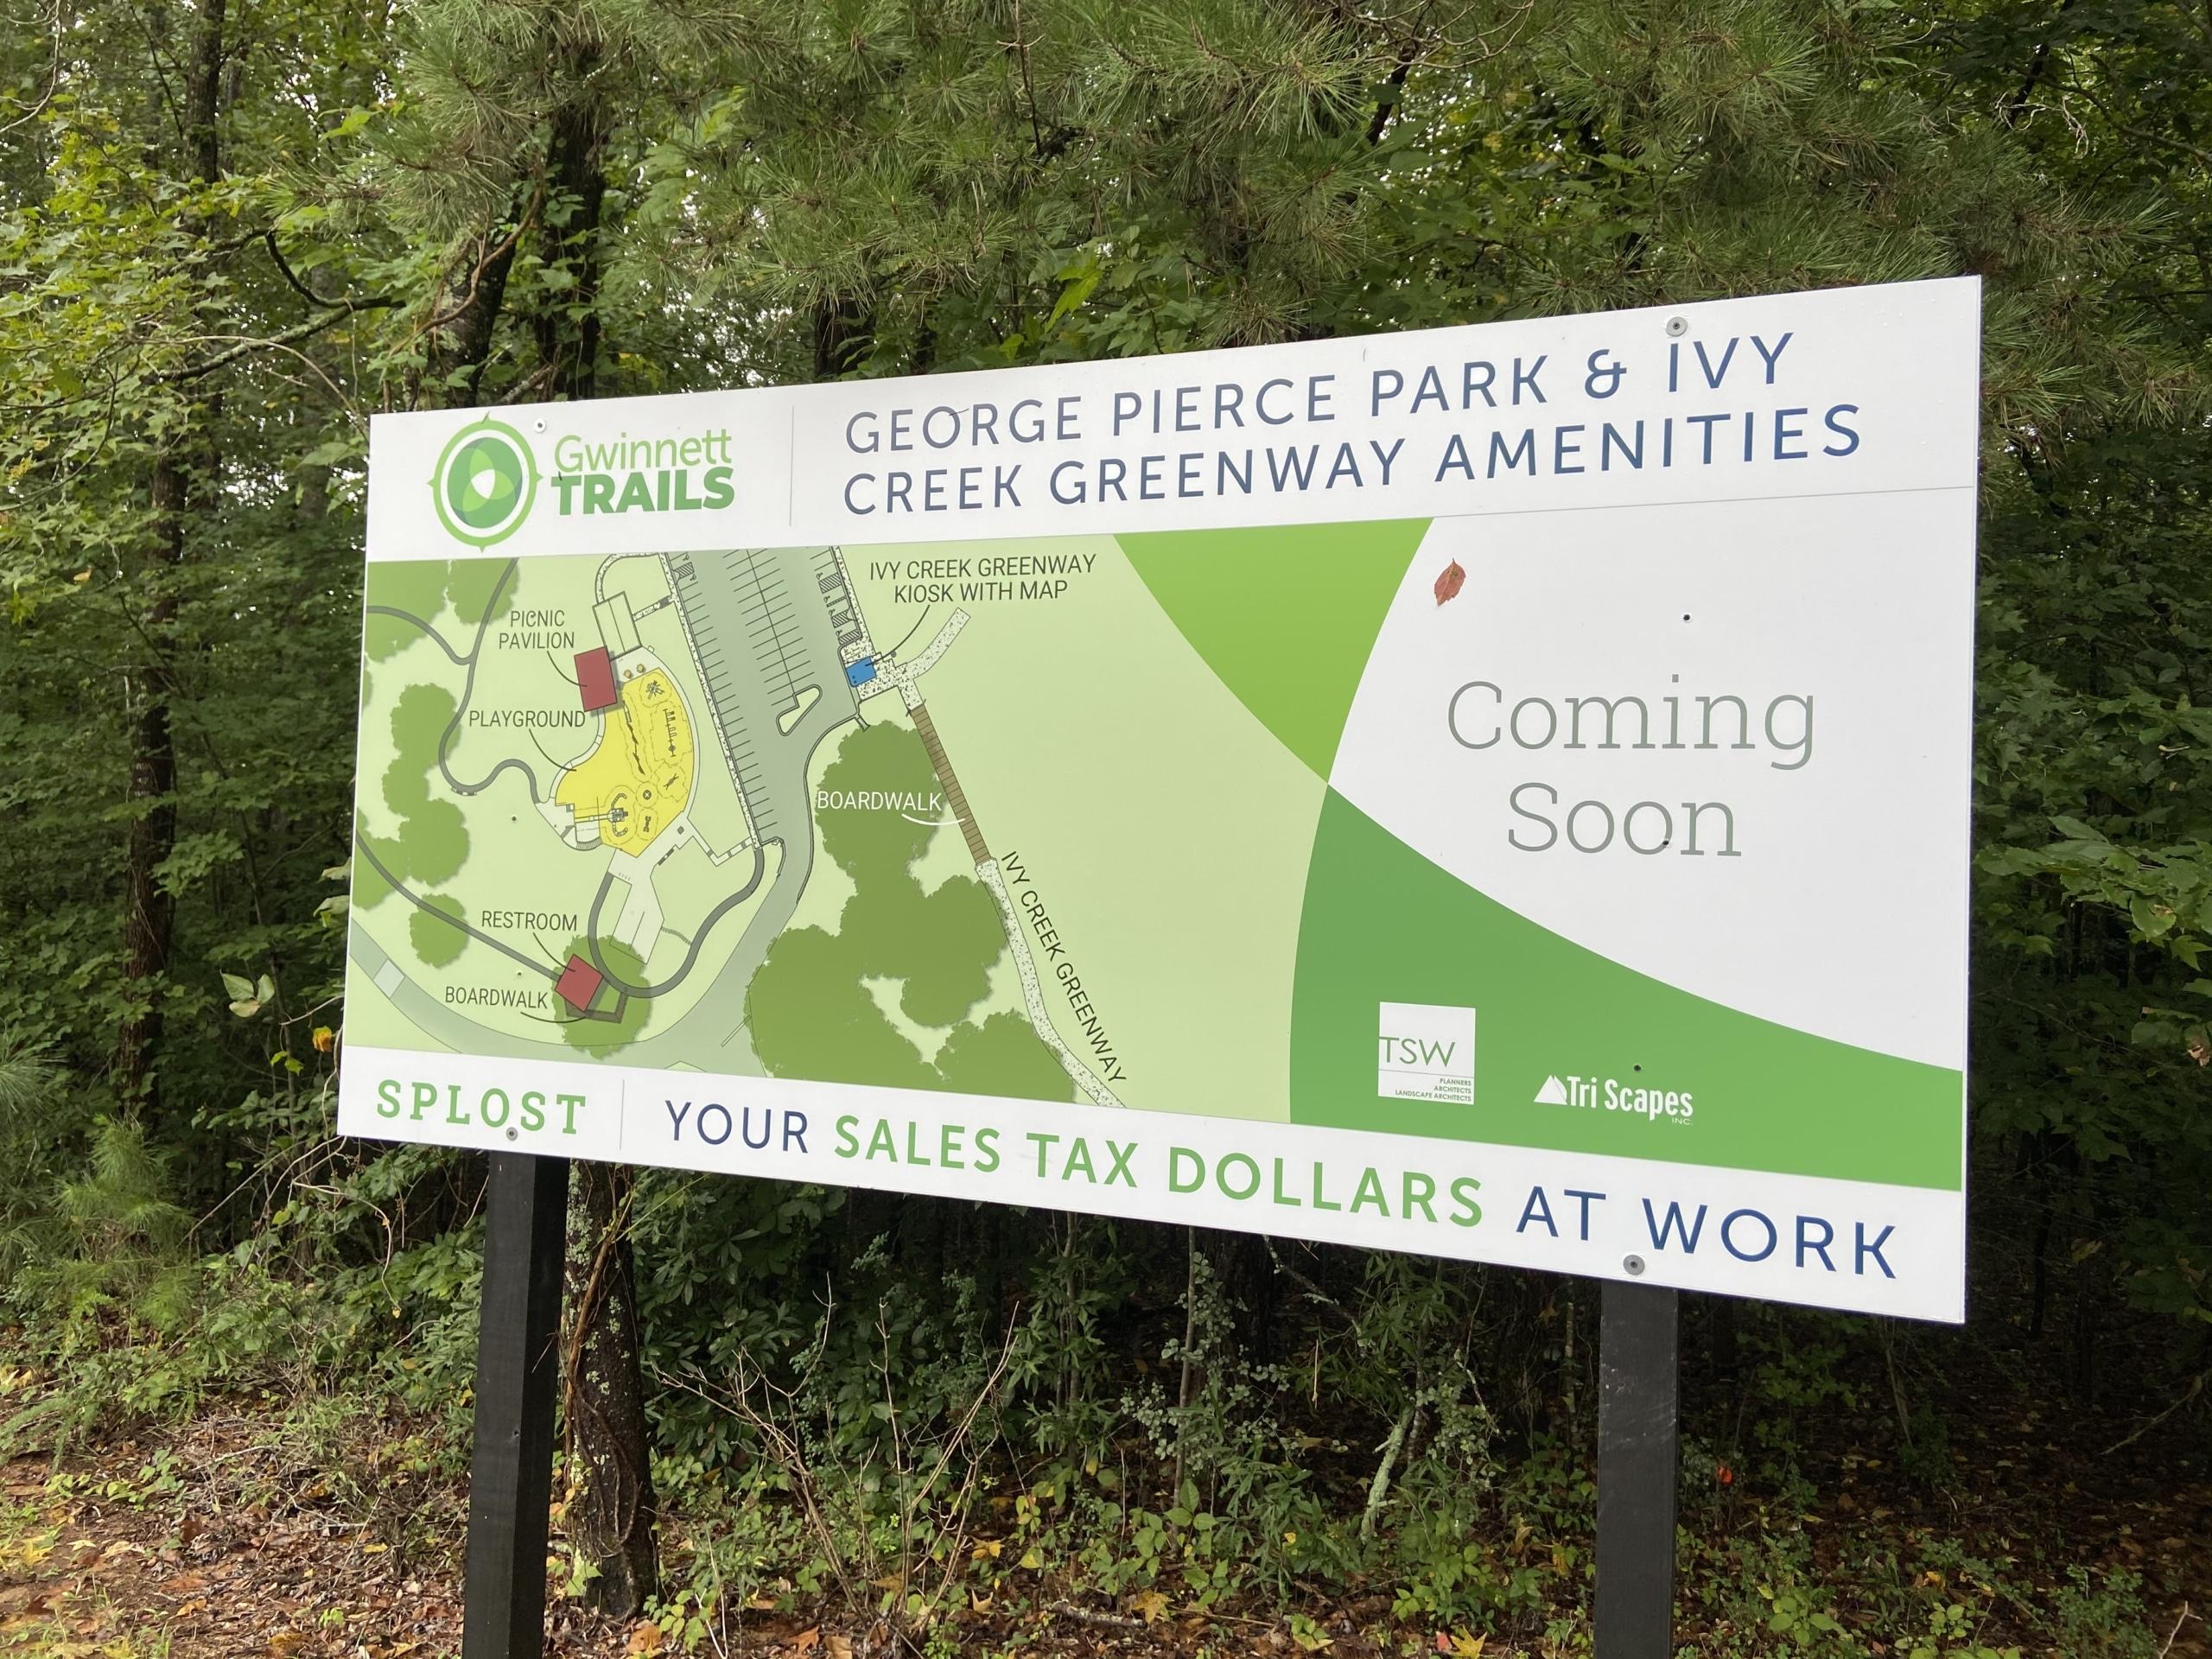 Gwinnett County George Pierce Park Update